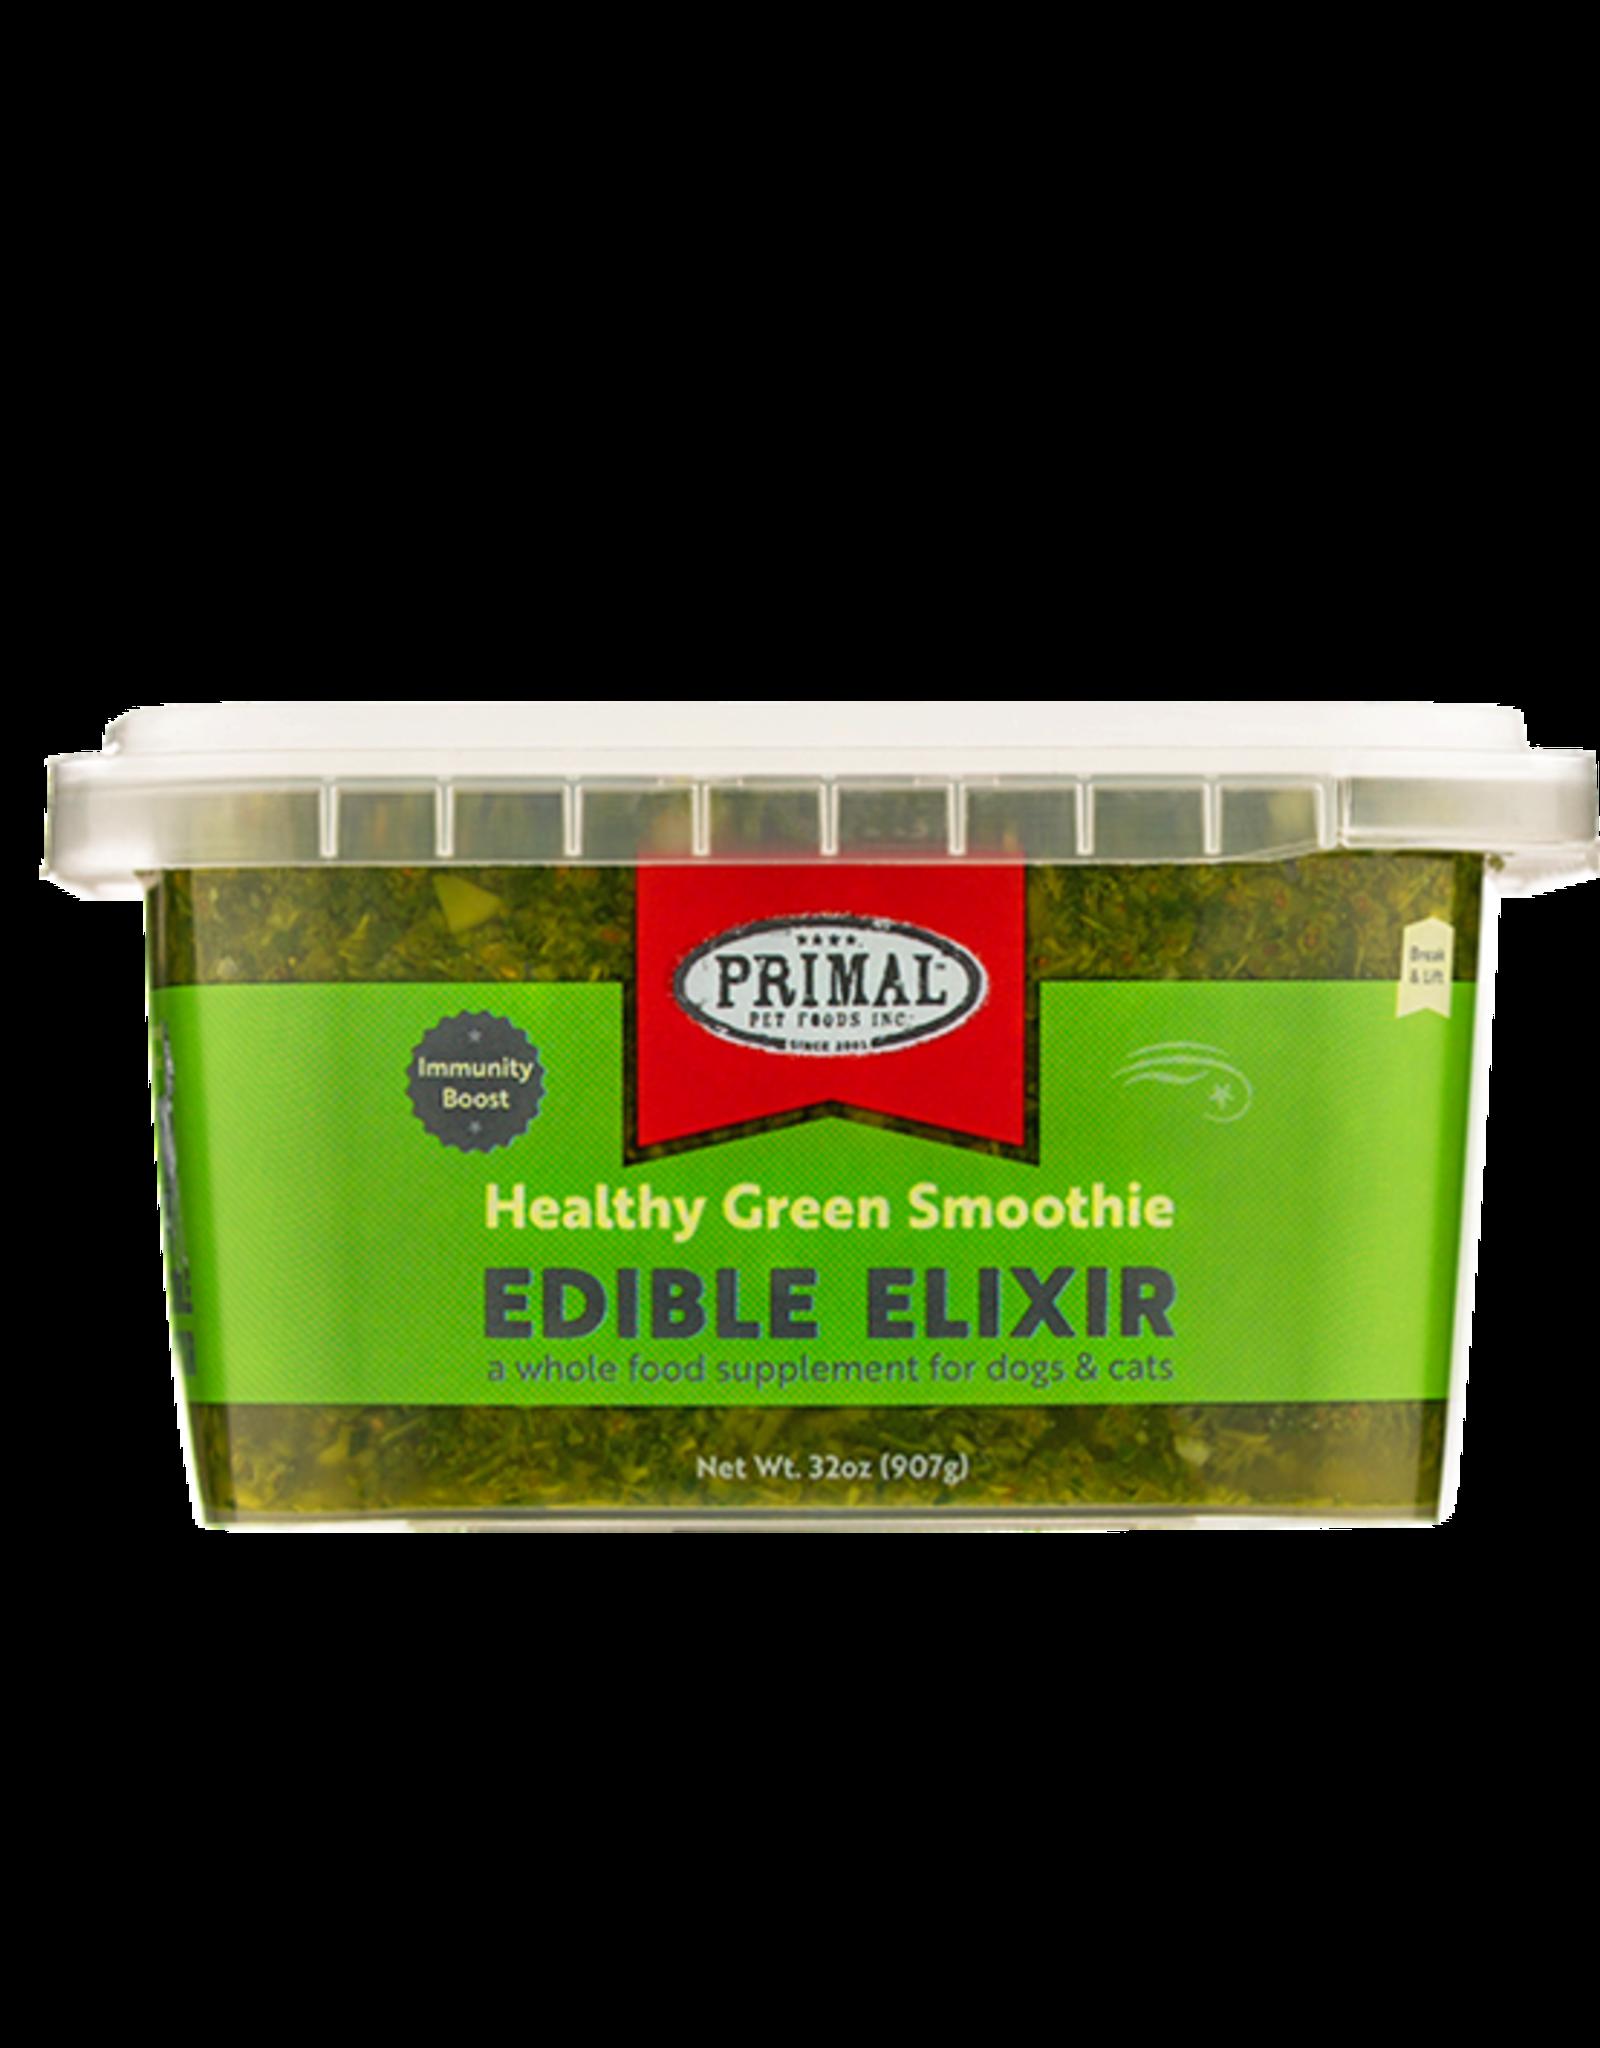 Primal Primal Frozen Elixir - Health Greens 16 OZ